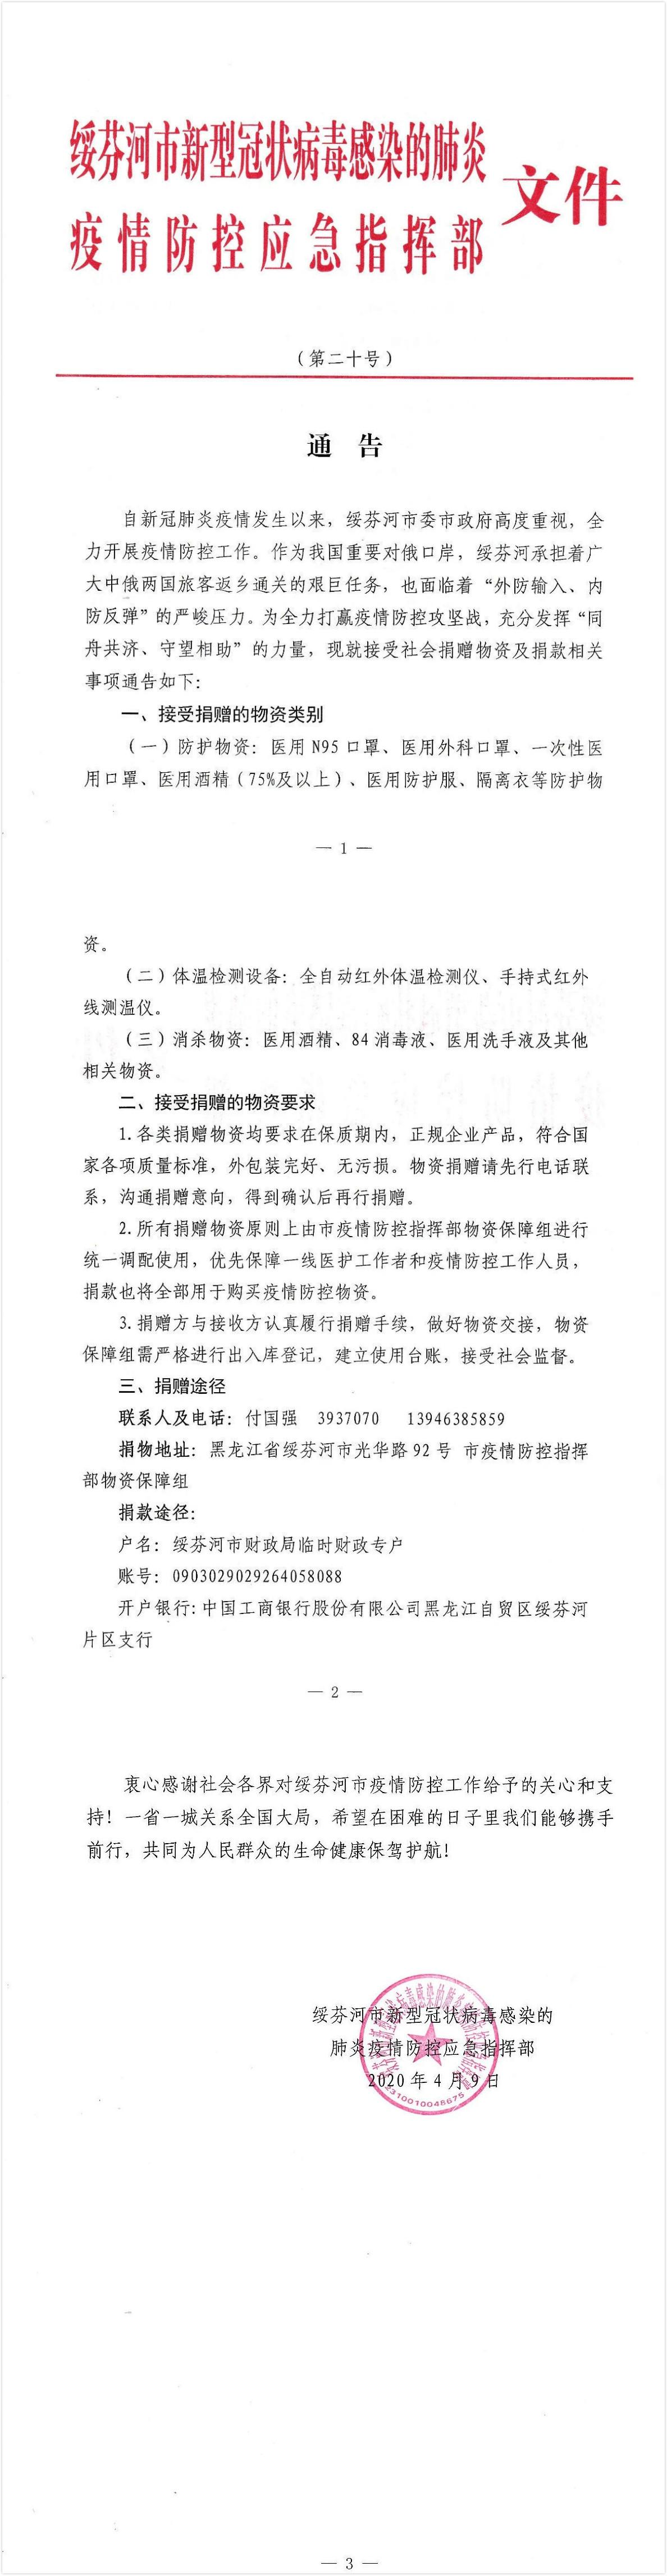 绥芬河疫情防控指挥部第二十号通告:明确接收捐赠物资要求图片